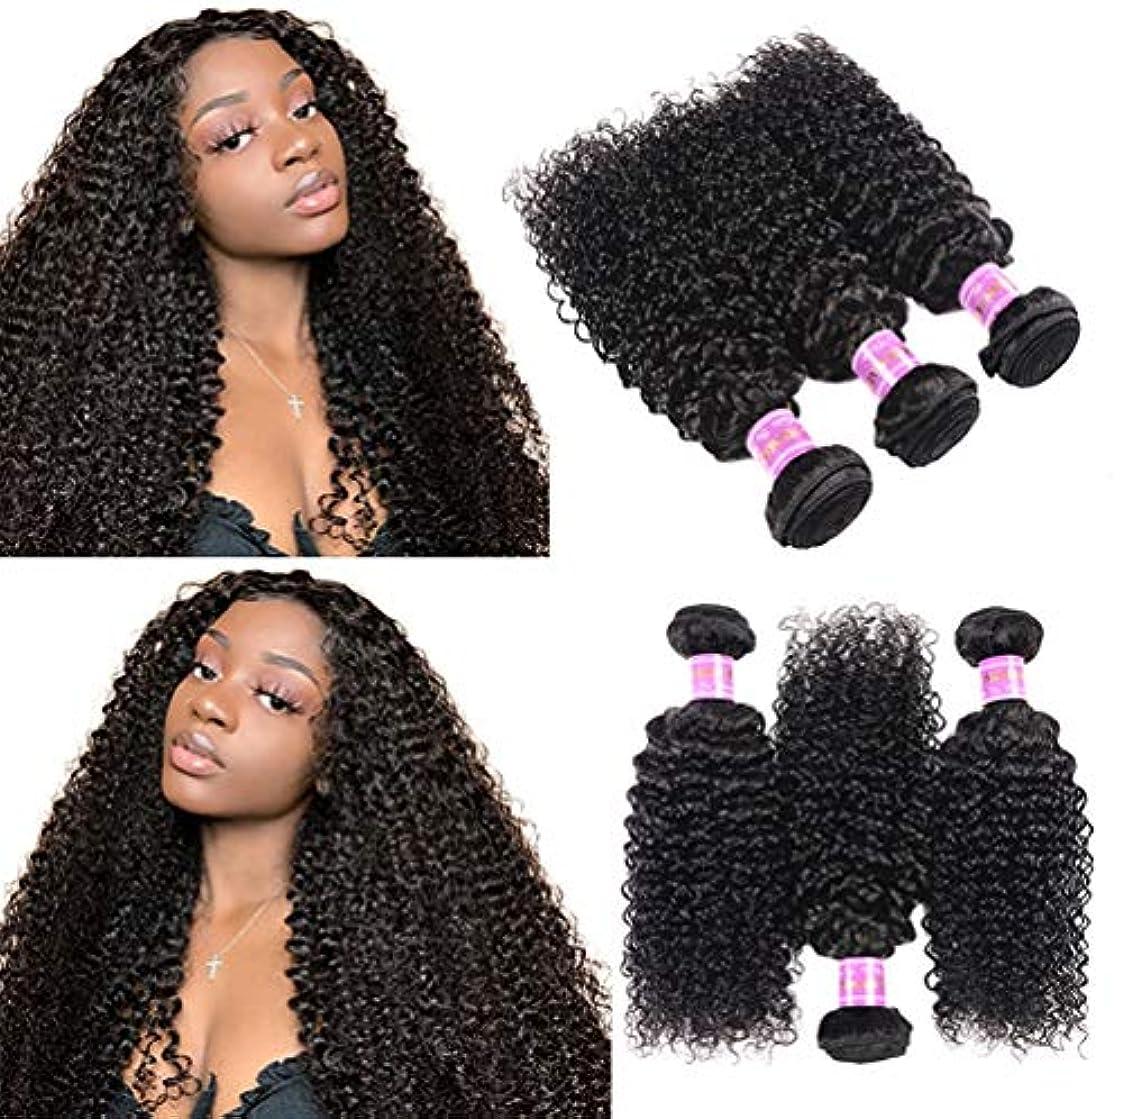 エンティティほぼ規範女性ブラジルのボディウェーブの毛の束ブラジルのボディウェーブバージンの毛100%未処理の二重よこ糸の人間の毛髪延長(3束)